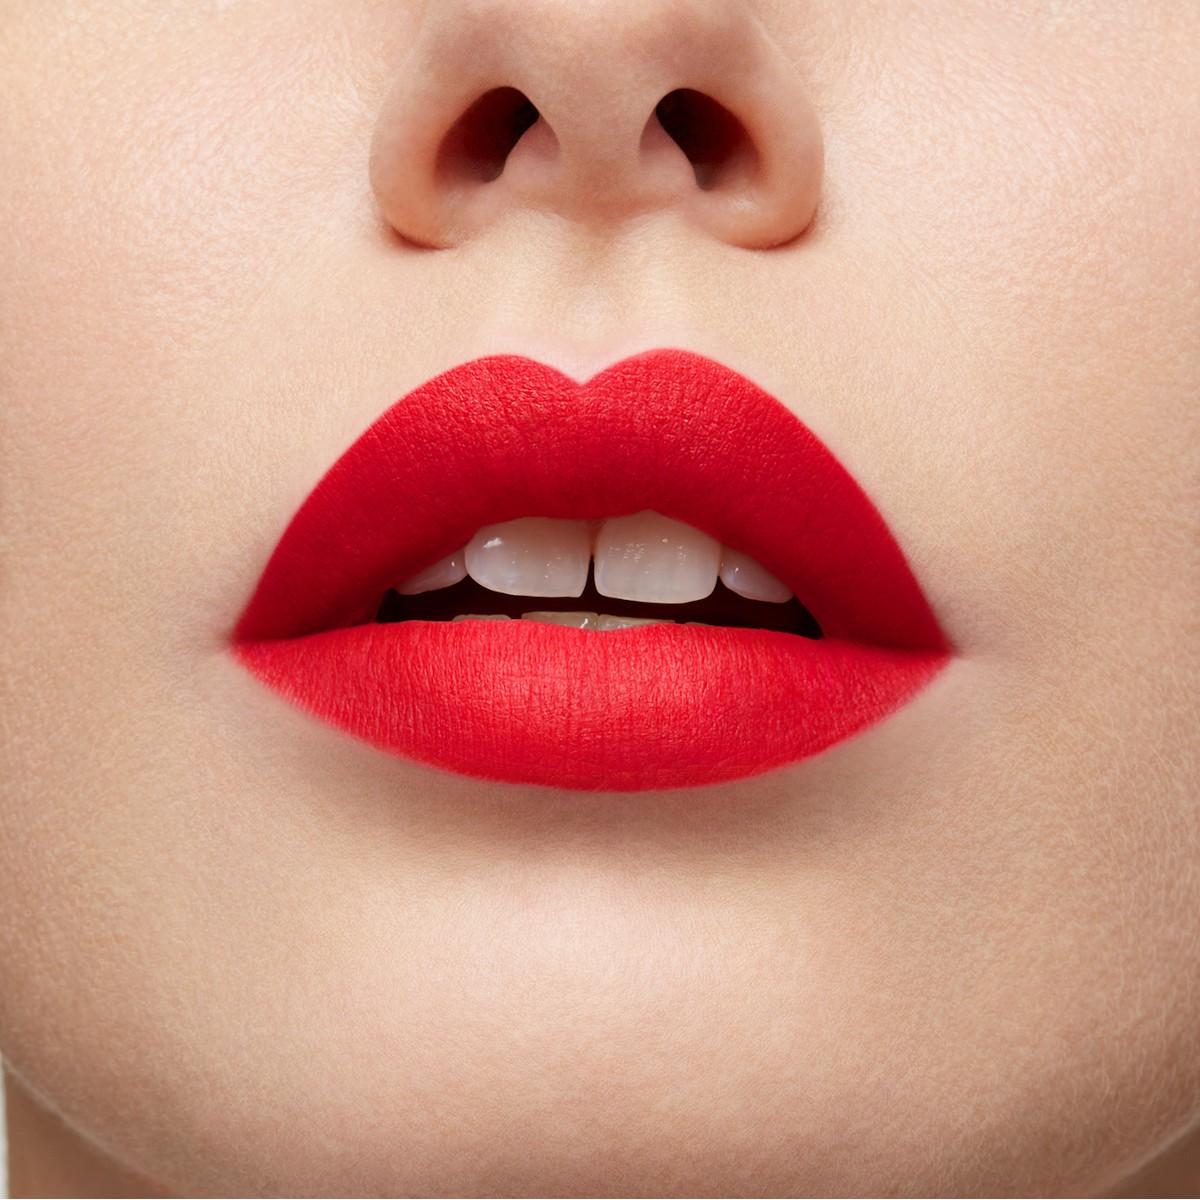 Woman Beauty - マットフルイド リップカラー エヴォワシエヴォワラ 003f - Christian Louboutin